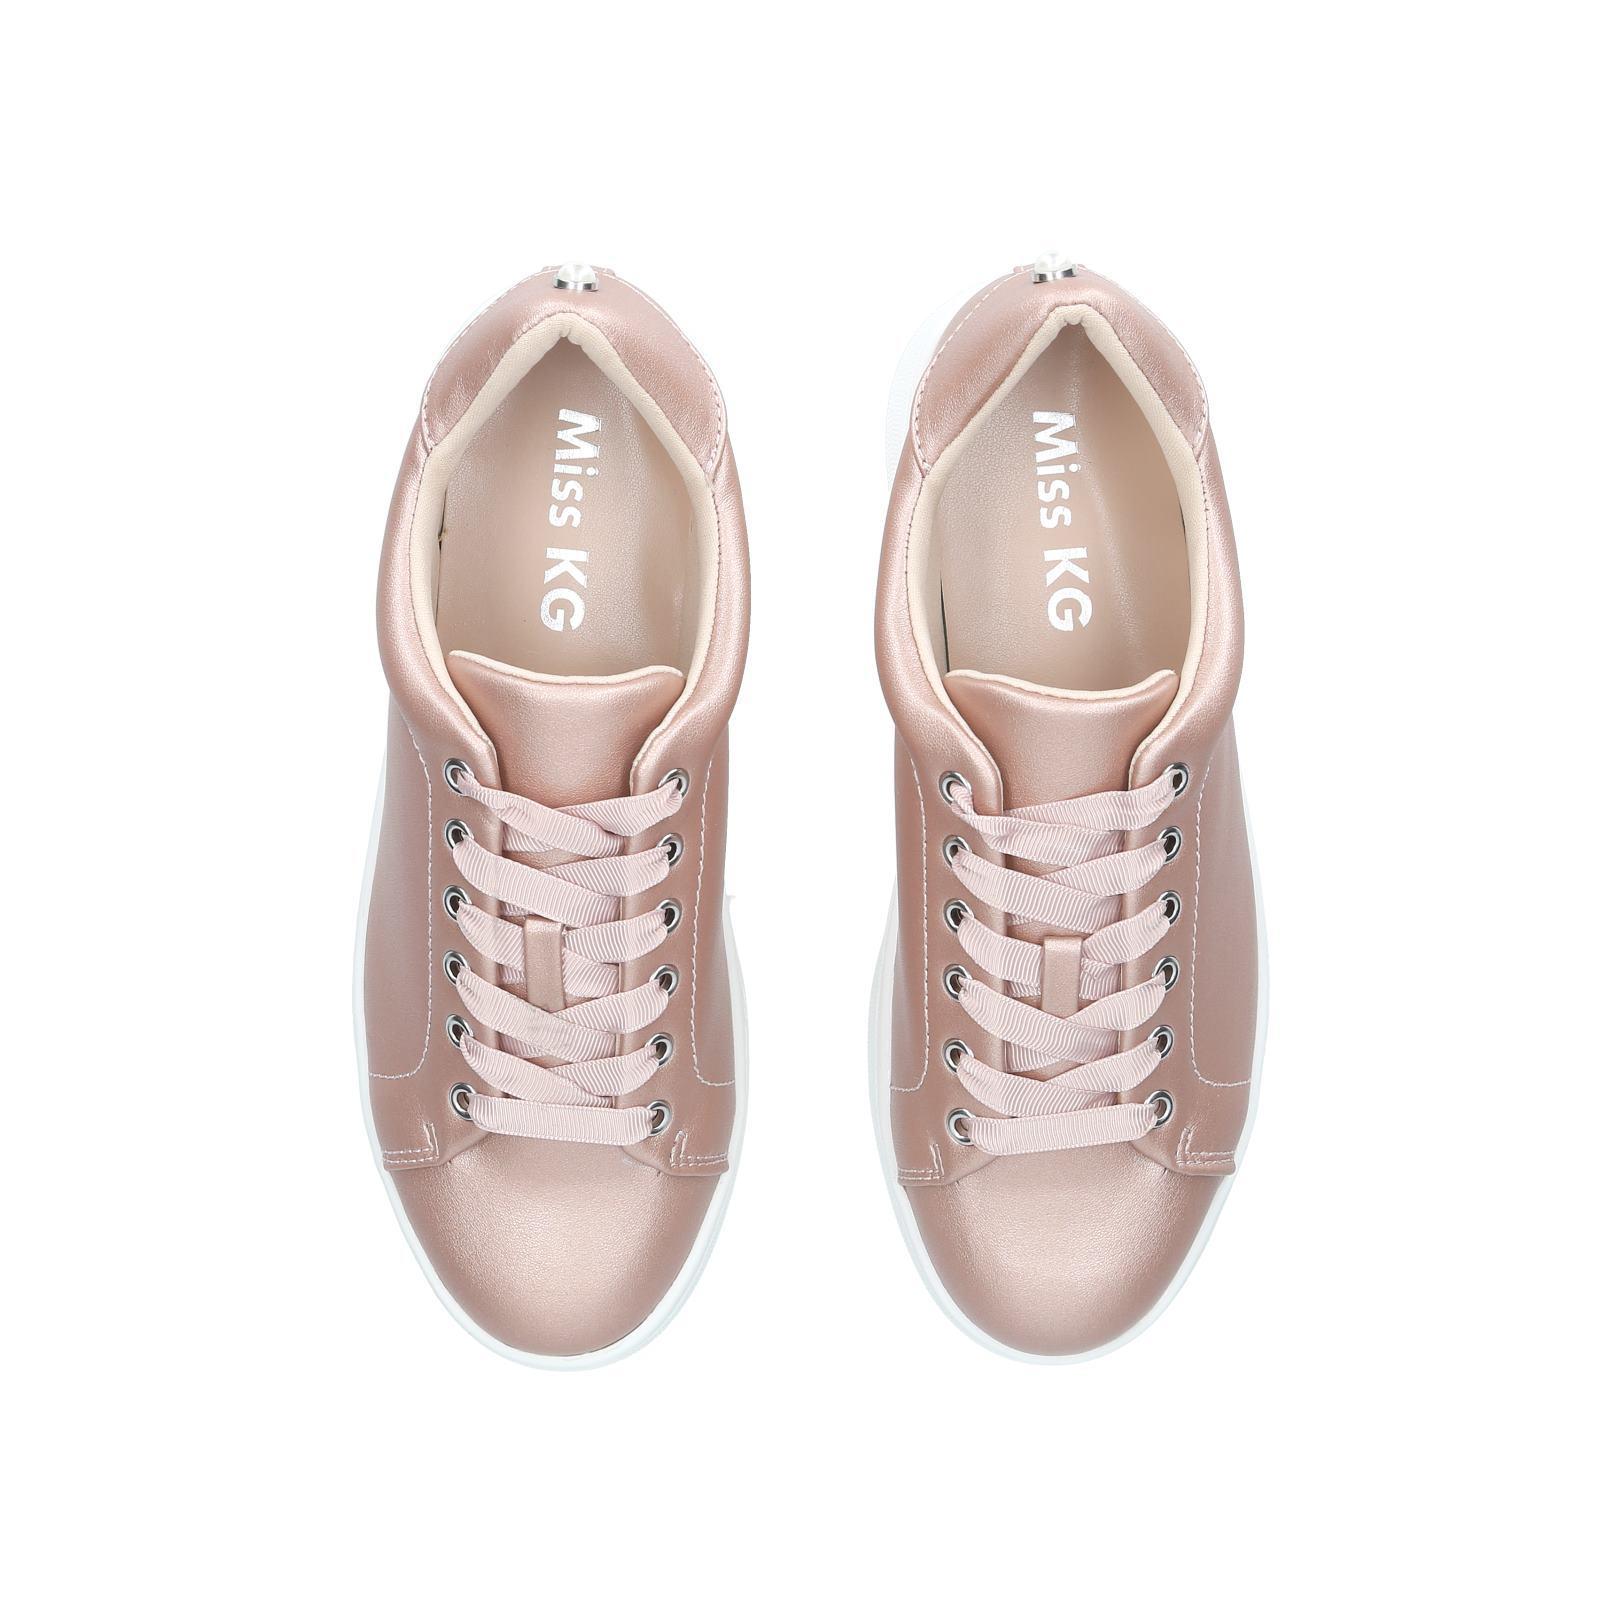 2a2853456b1 KORI Misskg Kori Pink Sneakers by MISS KG